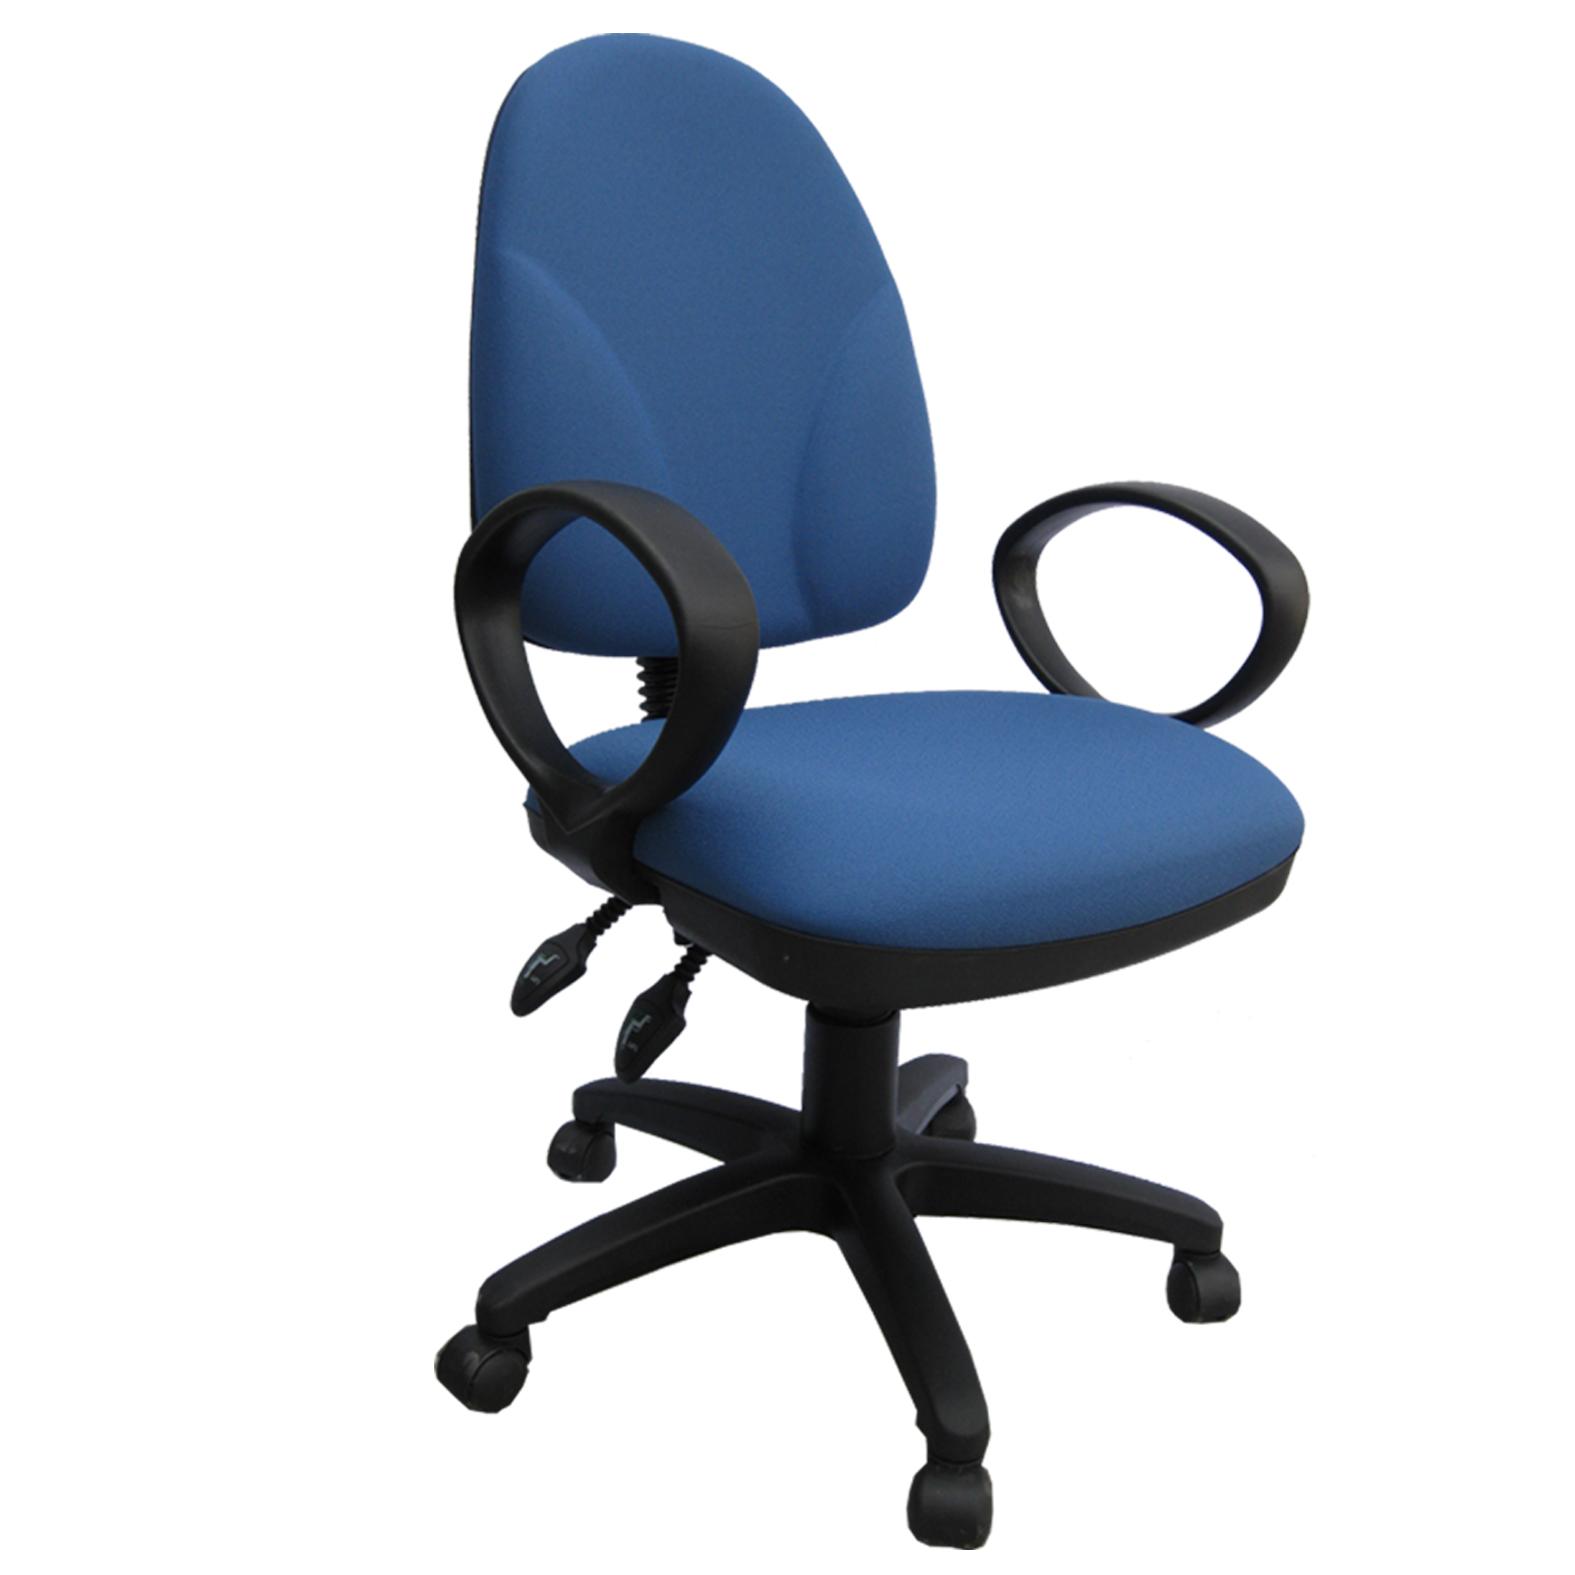 Sillas secretariales grupo meta soluciones de limpieza for Repuestos sillas de oficina